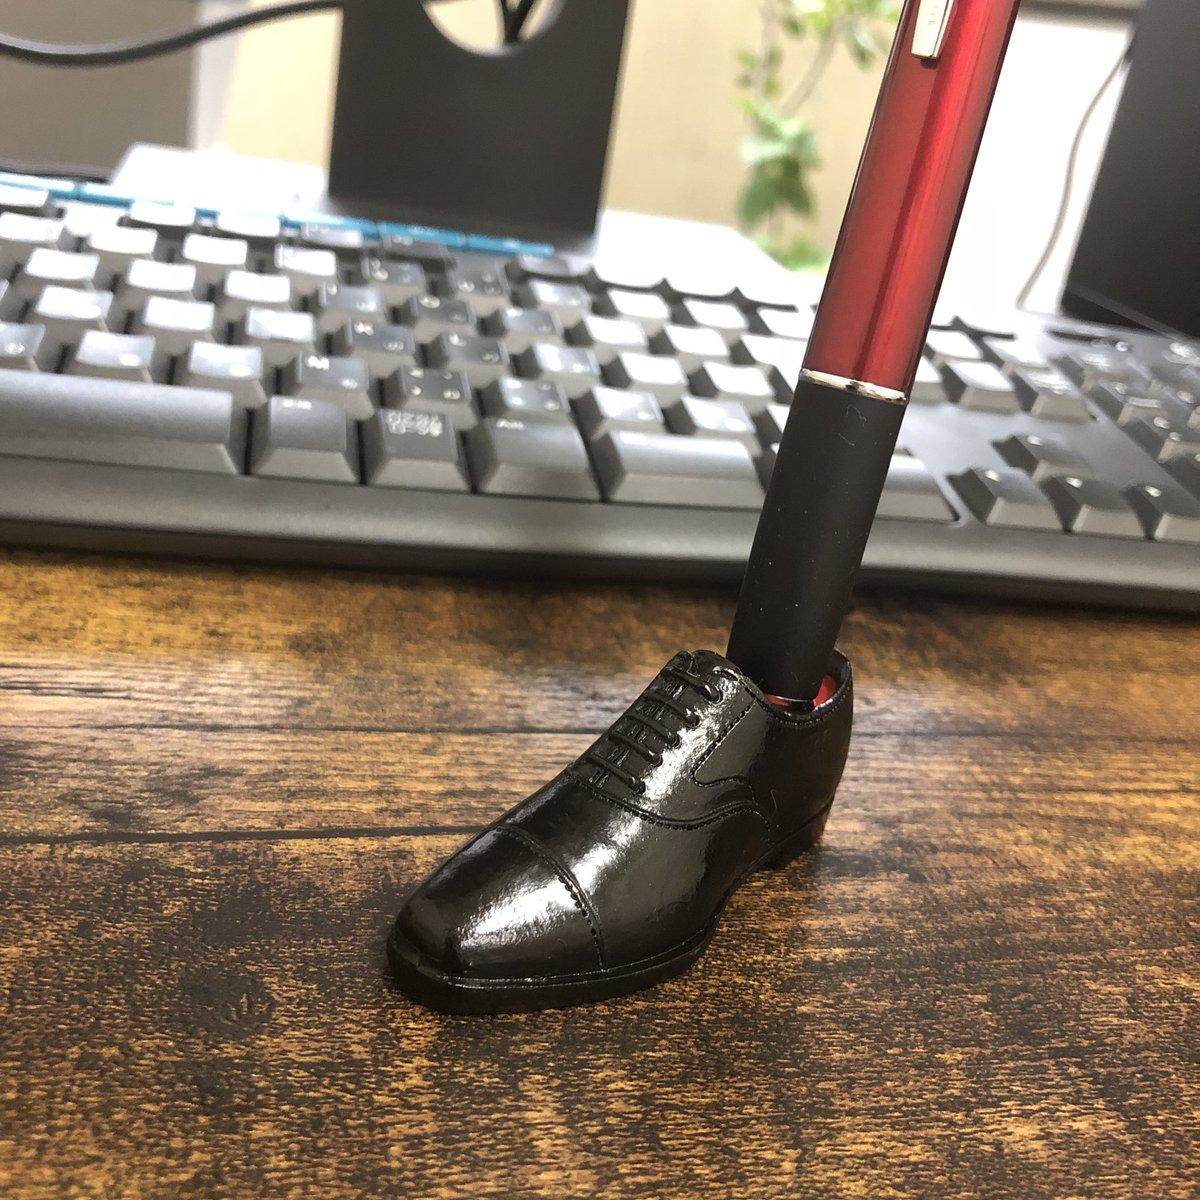 test ツイッターメディア - スワンネックの黒ストチ購入しました!この靴はハイシャイン難しいですね。Can★Do  でもこの完成度には靴への愛を感じませんか!?  #キャンドゥ #株式会社フジサキ #革靴 https://t.co/luuzHRVzLQ